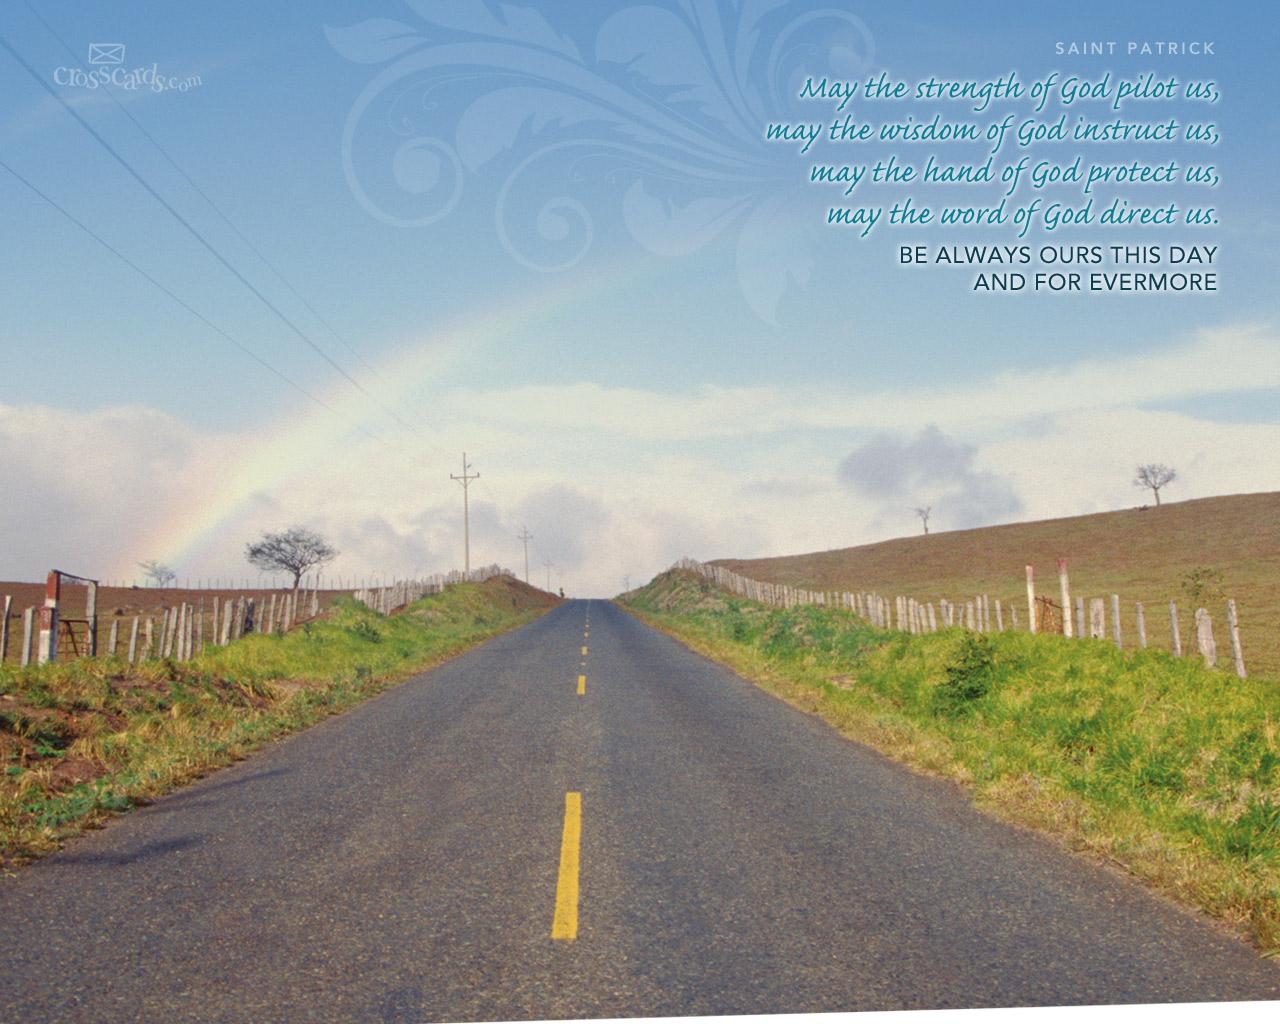 Saint Patrick Quote - 1280 x 1024